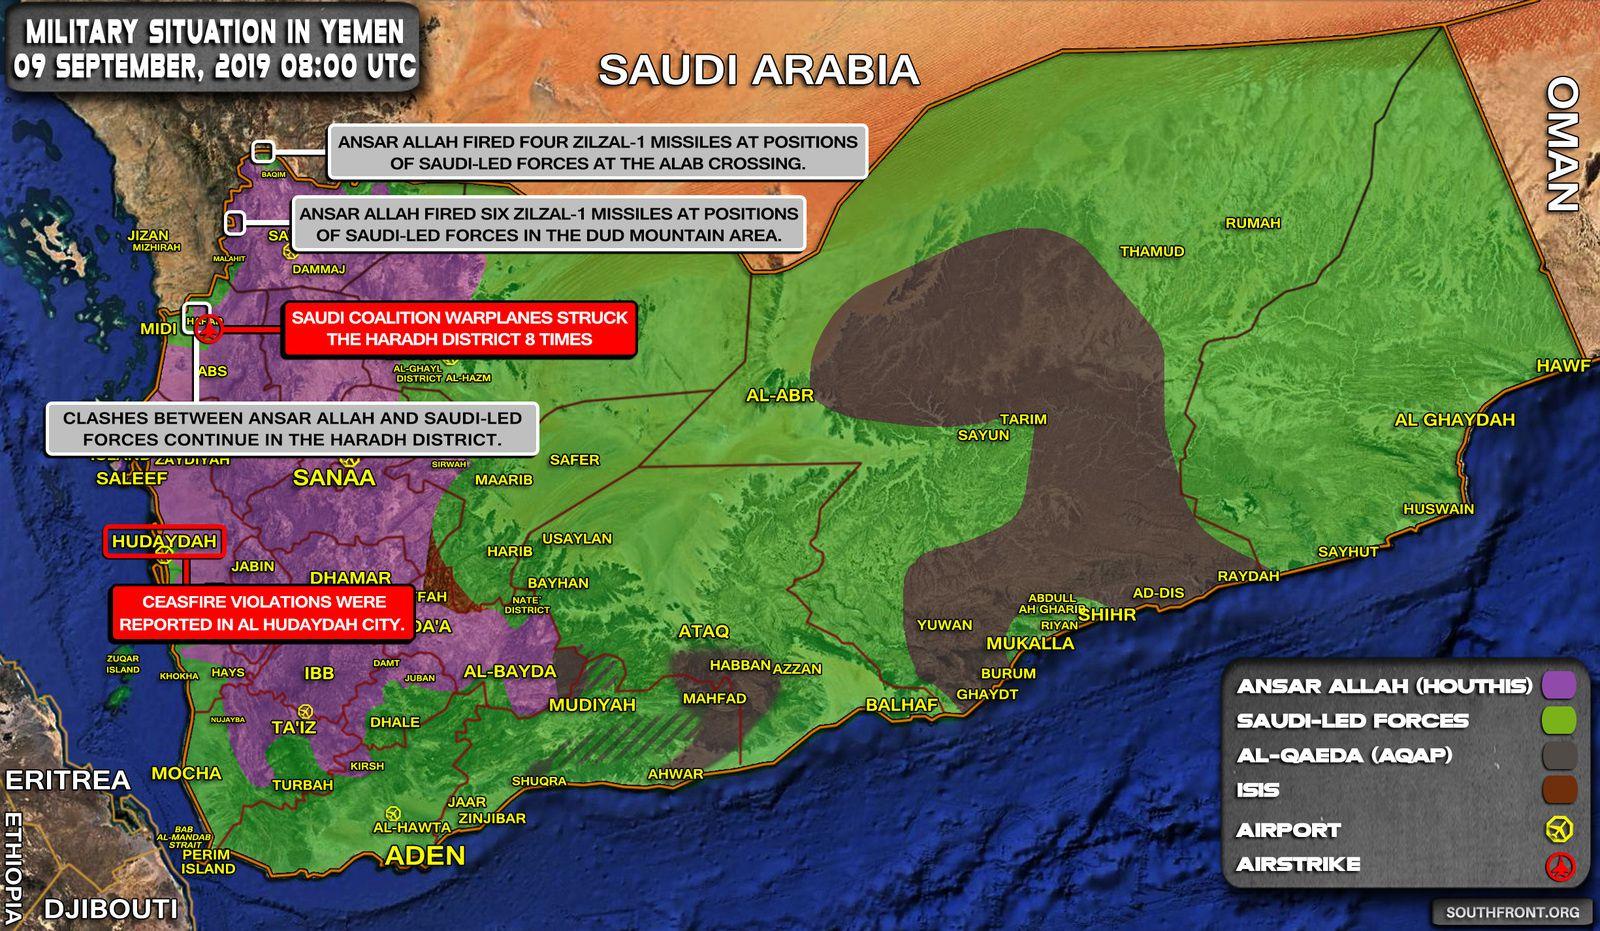 Situation militaire au Yémen au 9 septembre 2019 (Southfront)